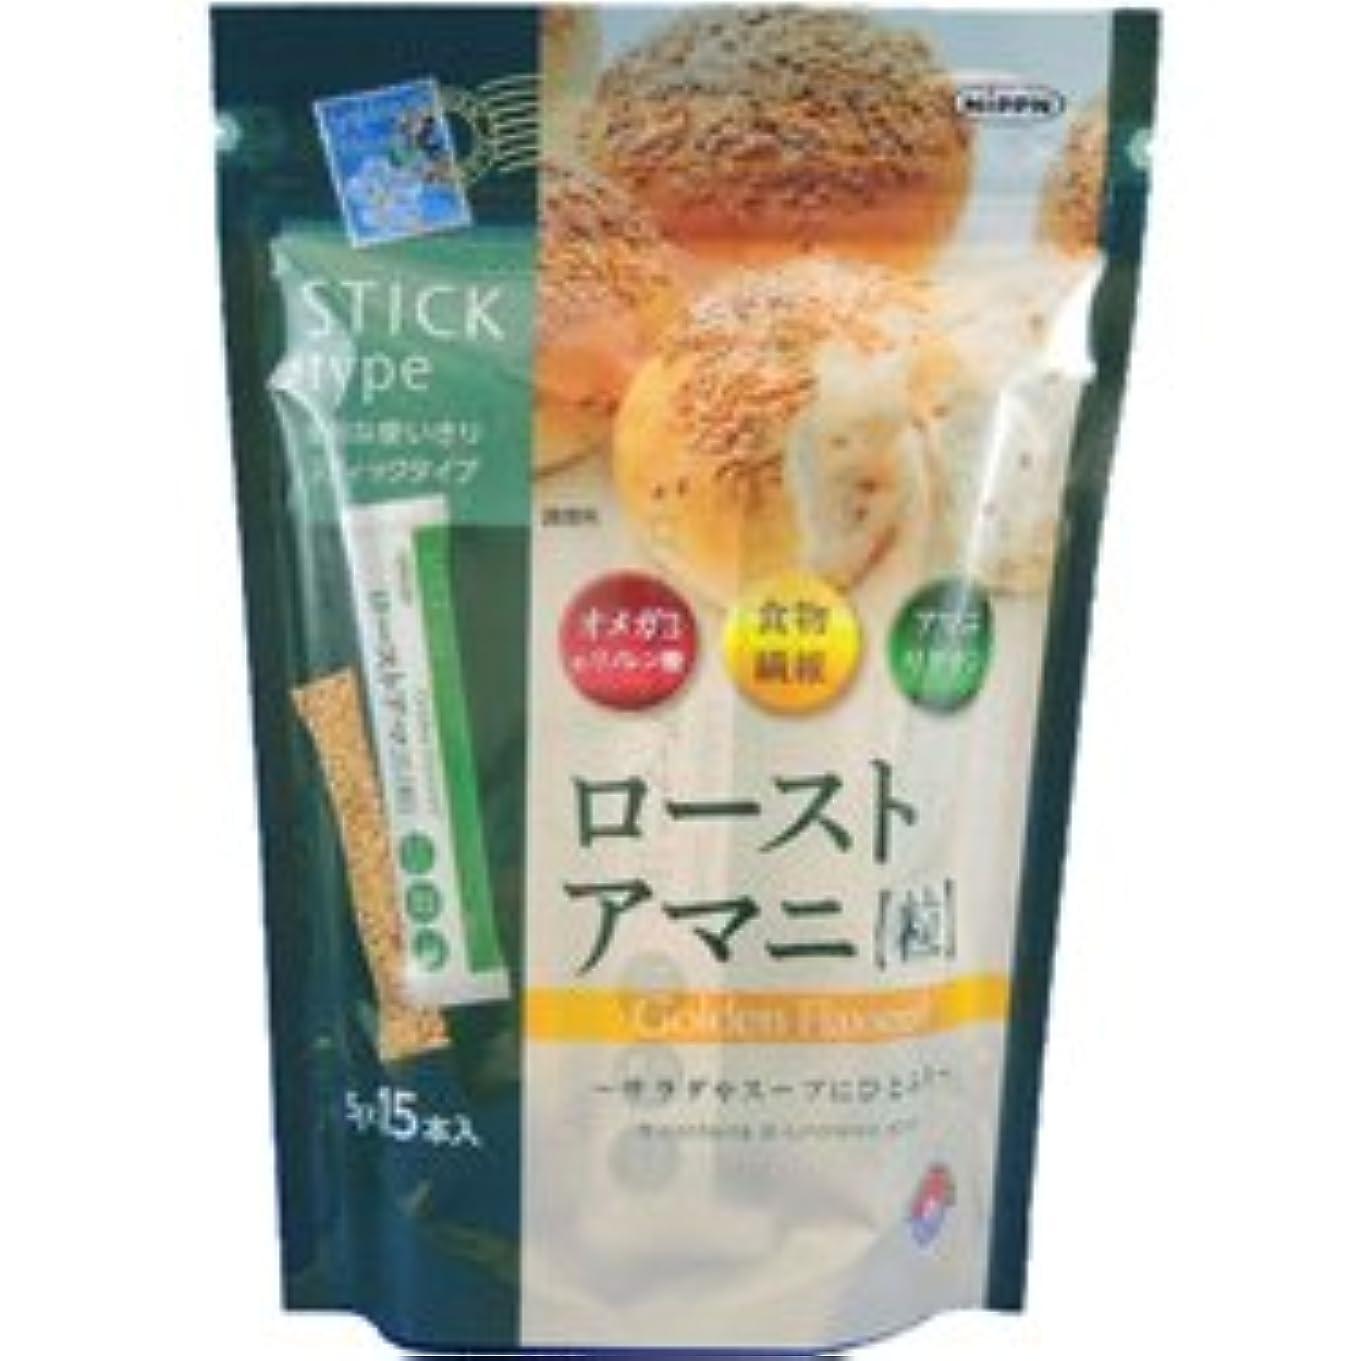 引き出す動晩ごはん【日本製粉】ローストアマニ粒 75g ×5個セット